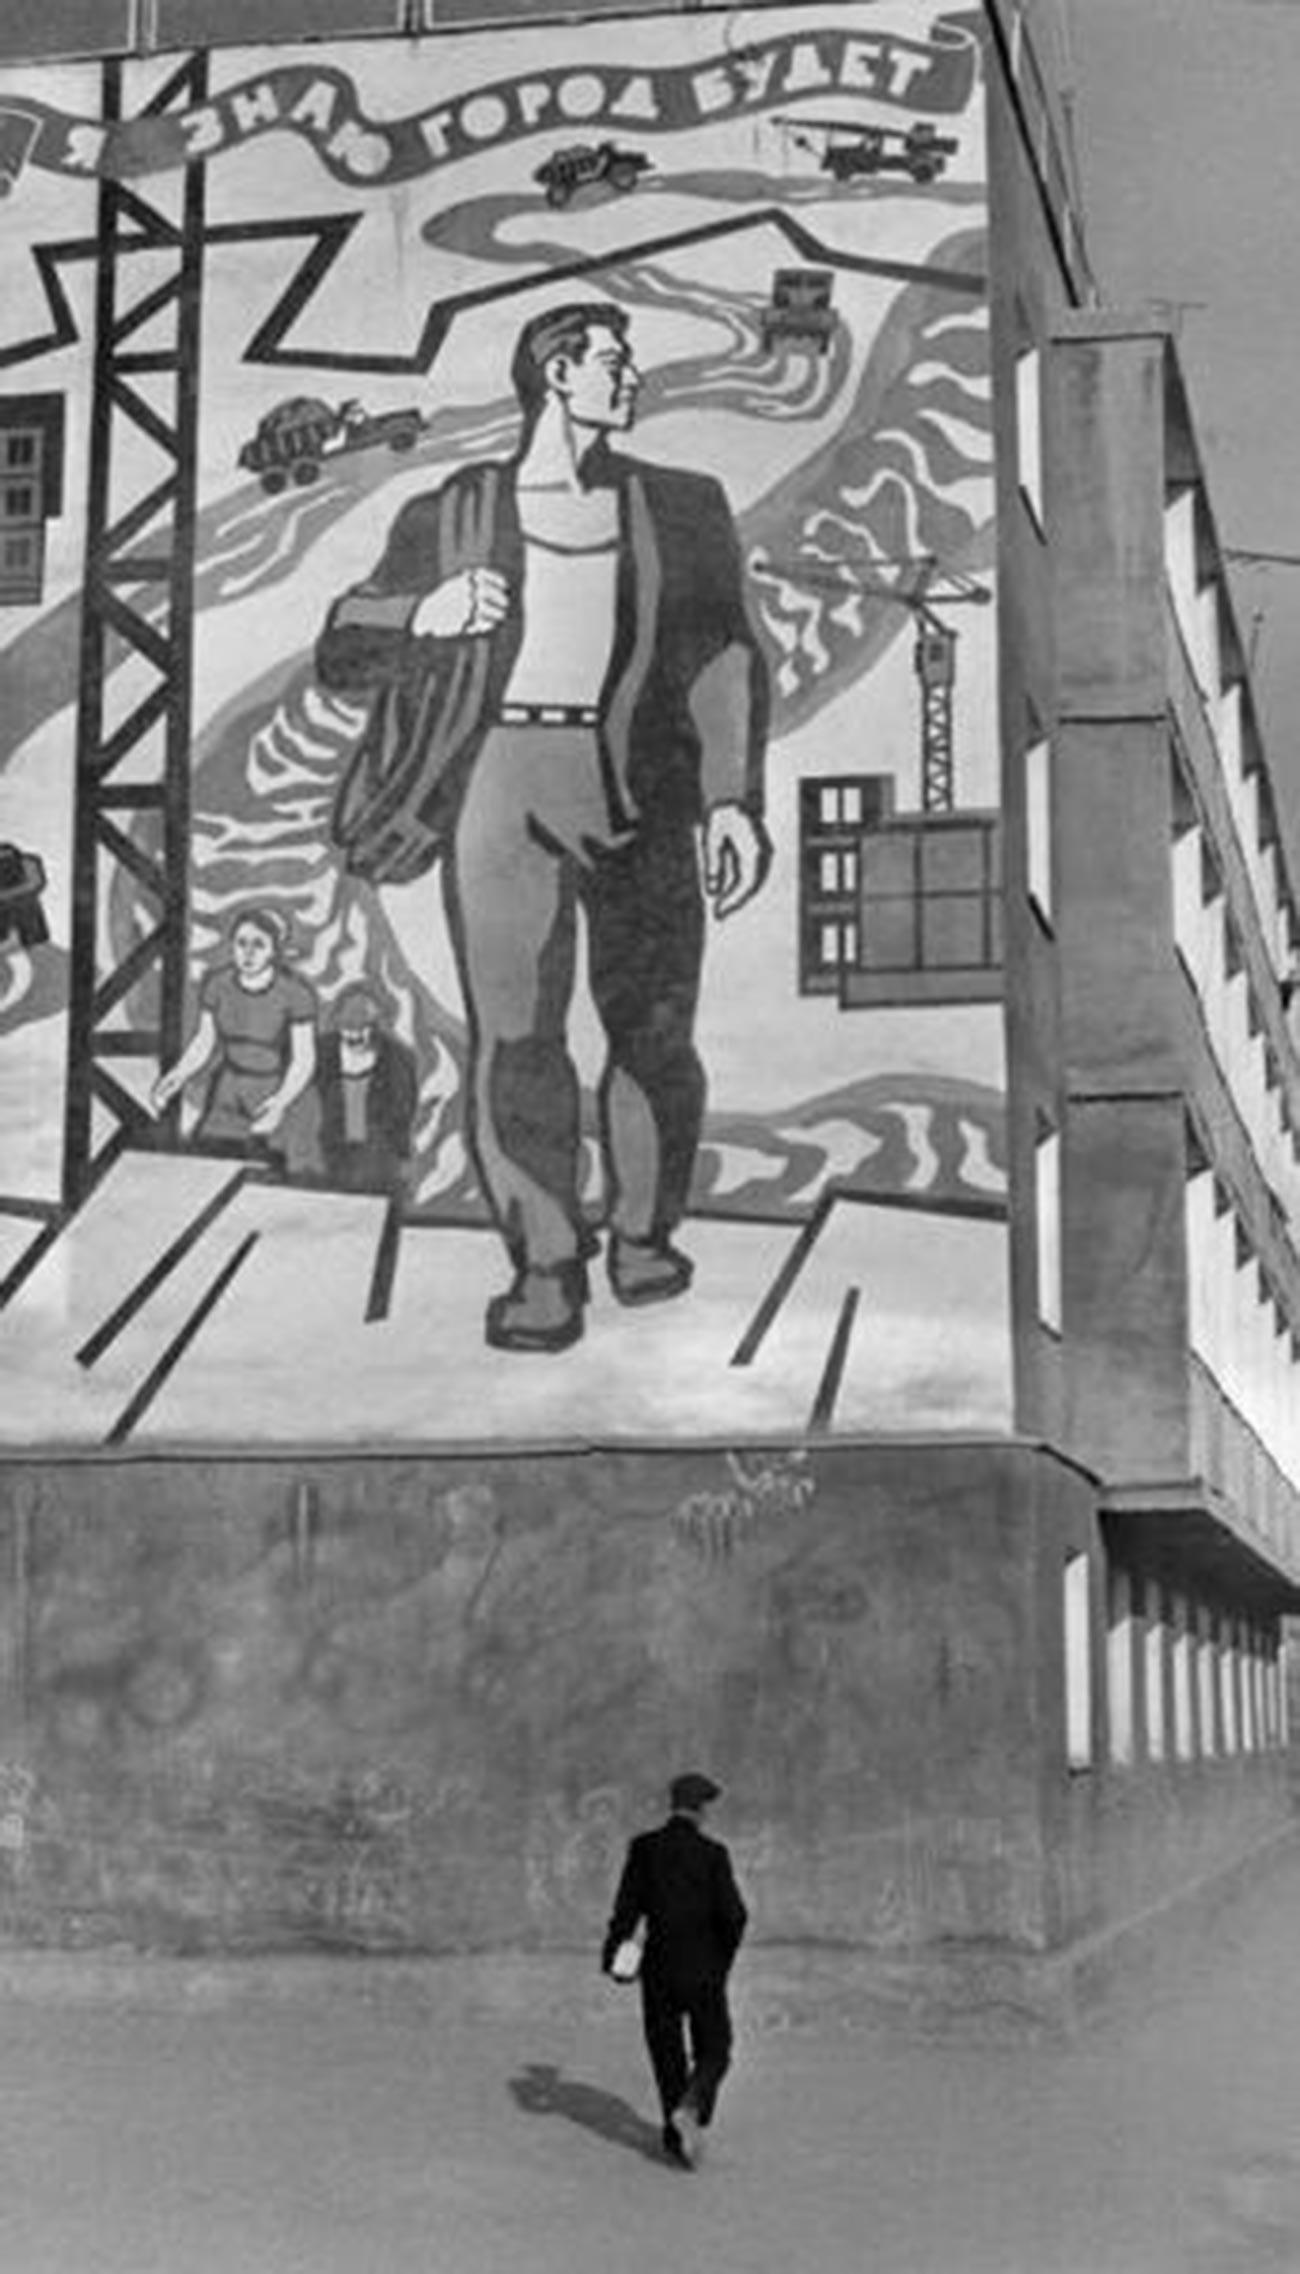 「知っている。街ができるだろう」。タジク・ソビエト社会主義共和国ヌレーク。1960年代